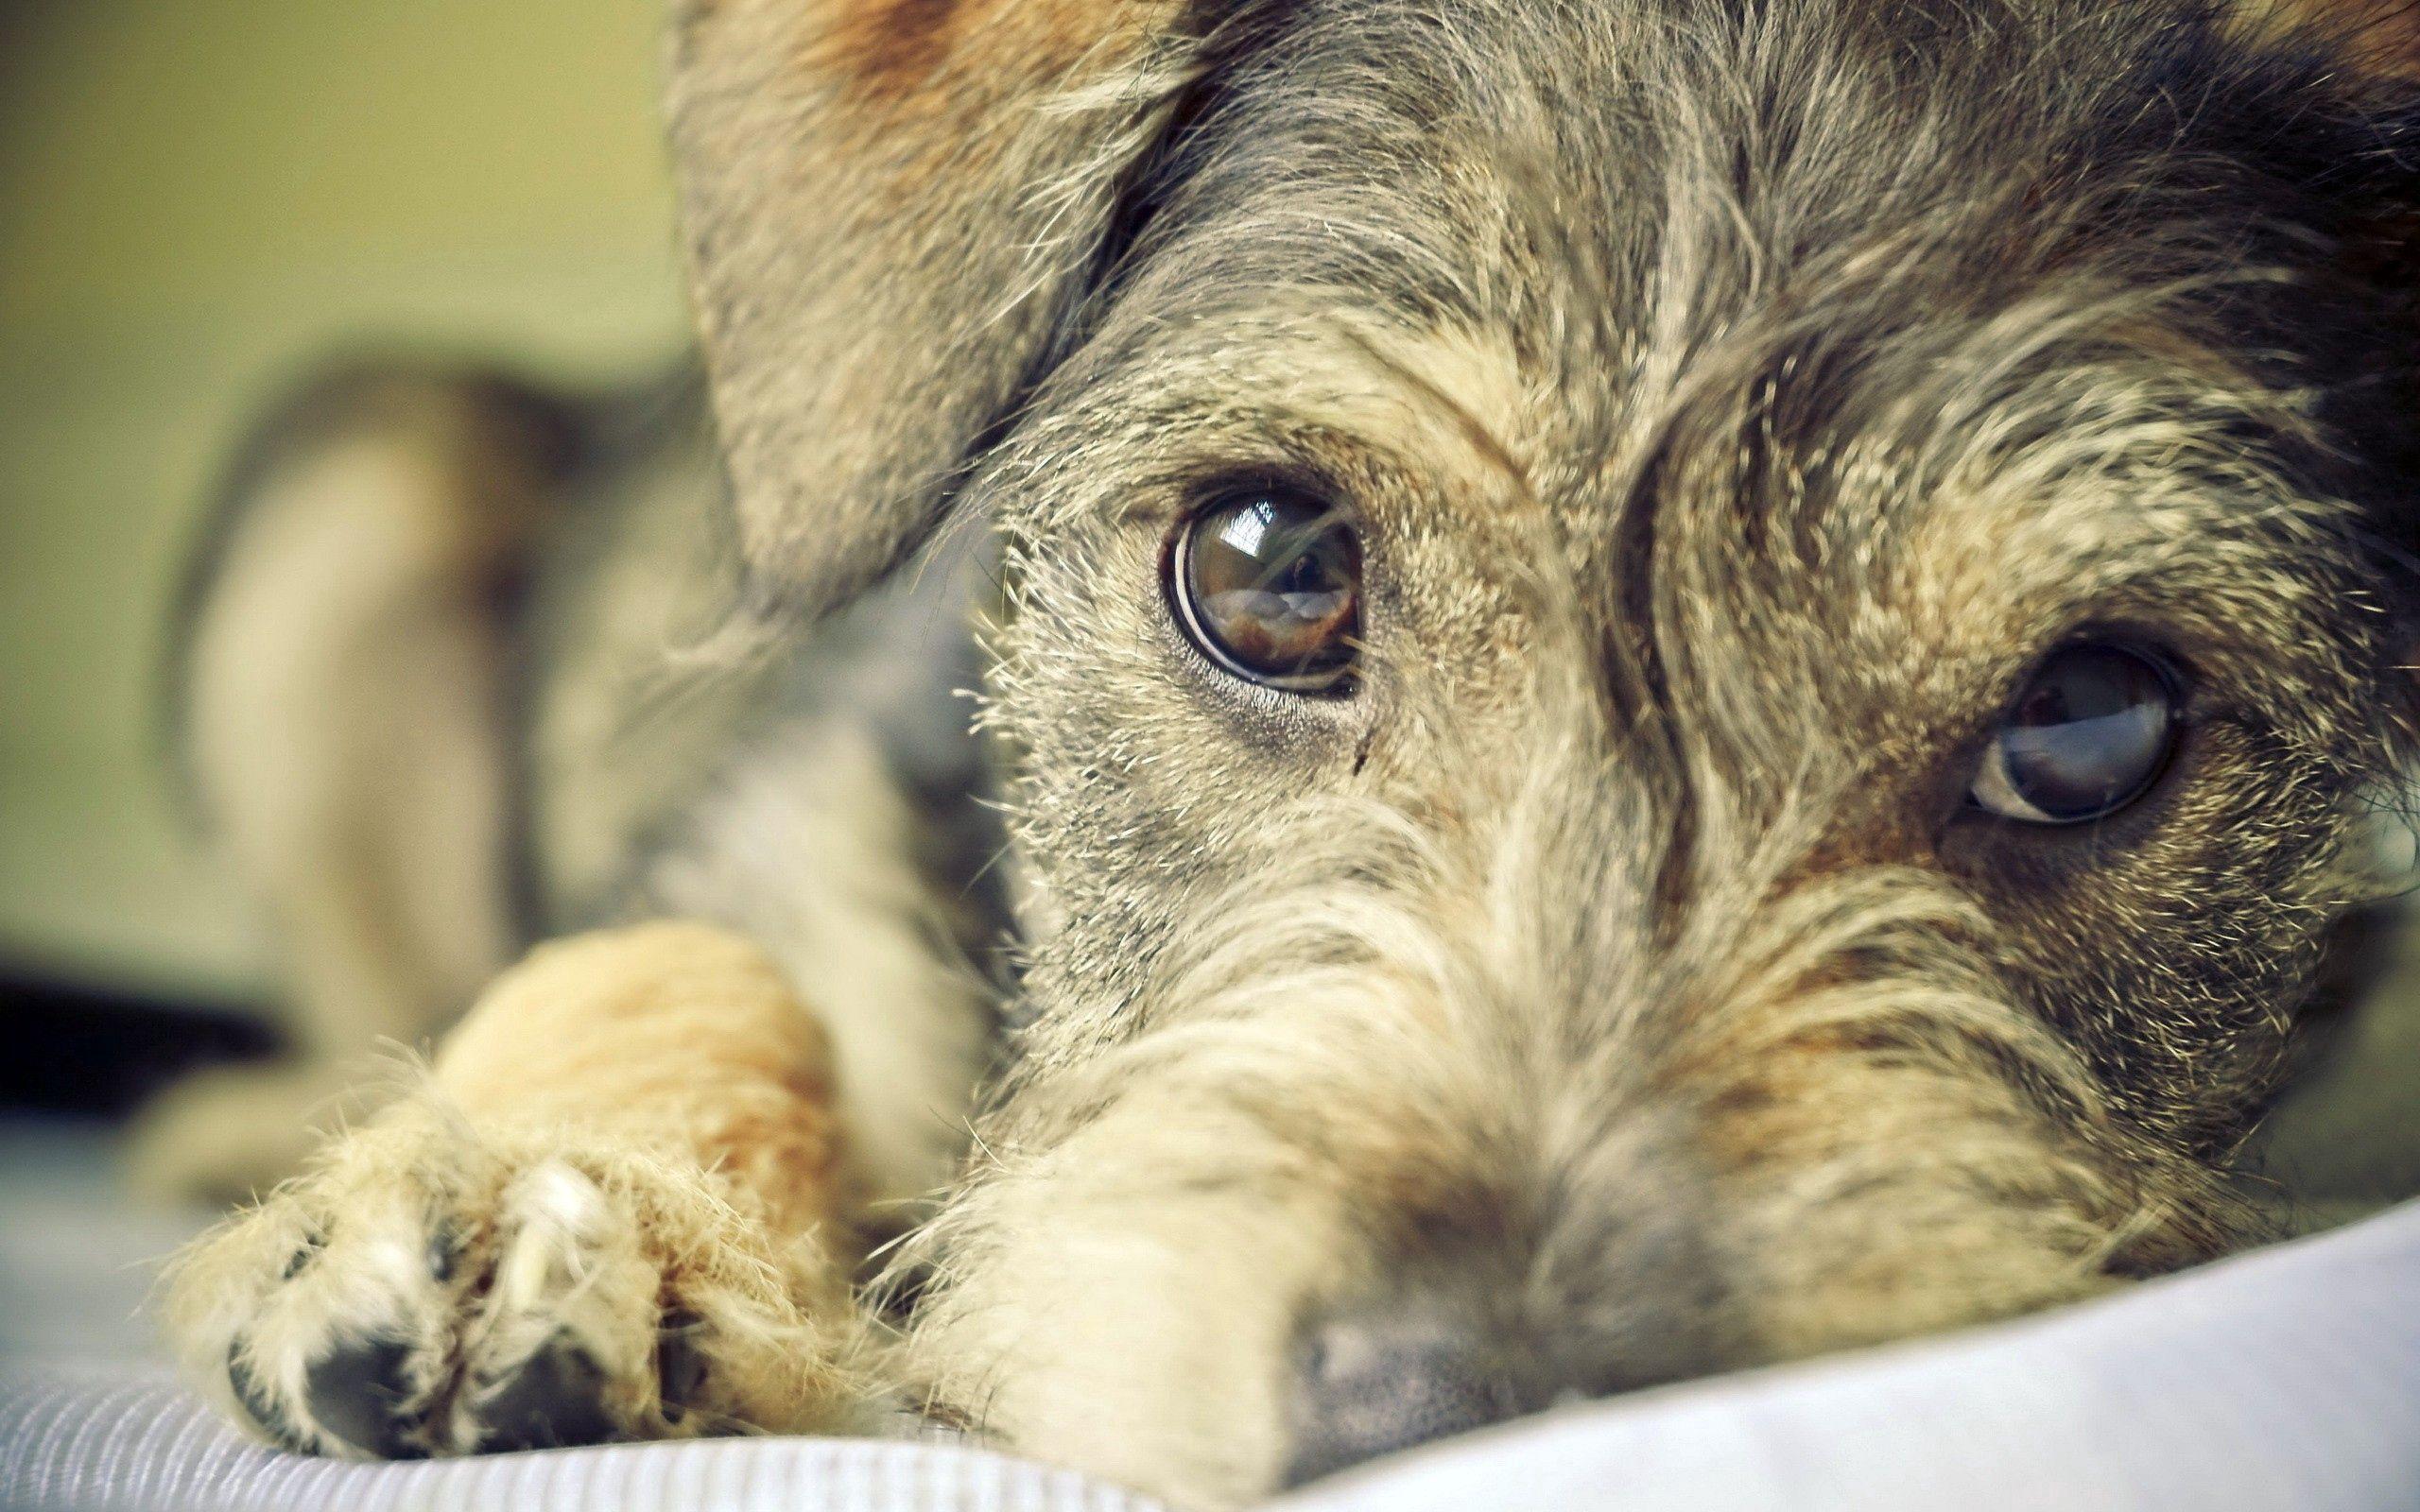 Handy-Wallpaper Tiere, Hund, Schnauze, Augen, Hündchen, Welpen kostenlos herunterladen.